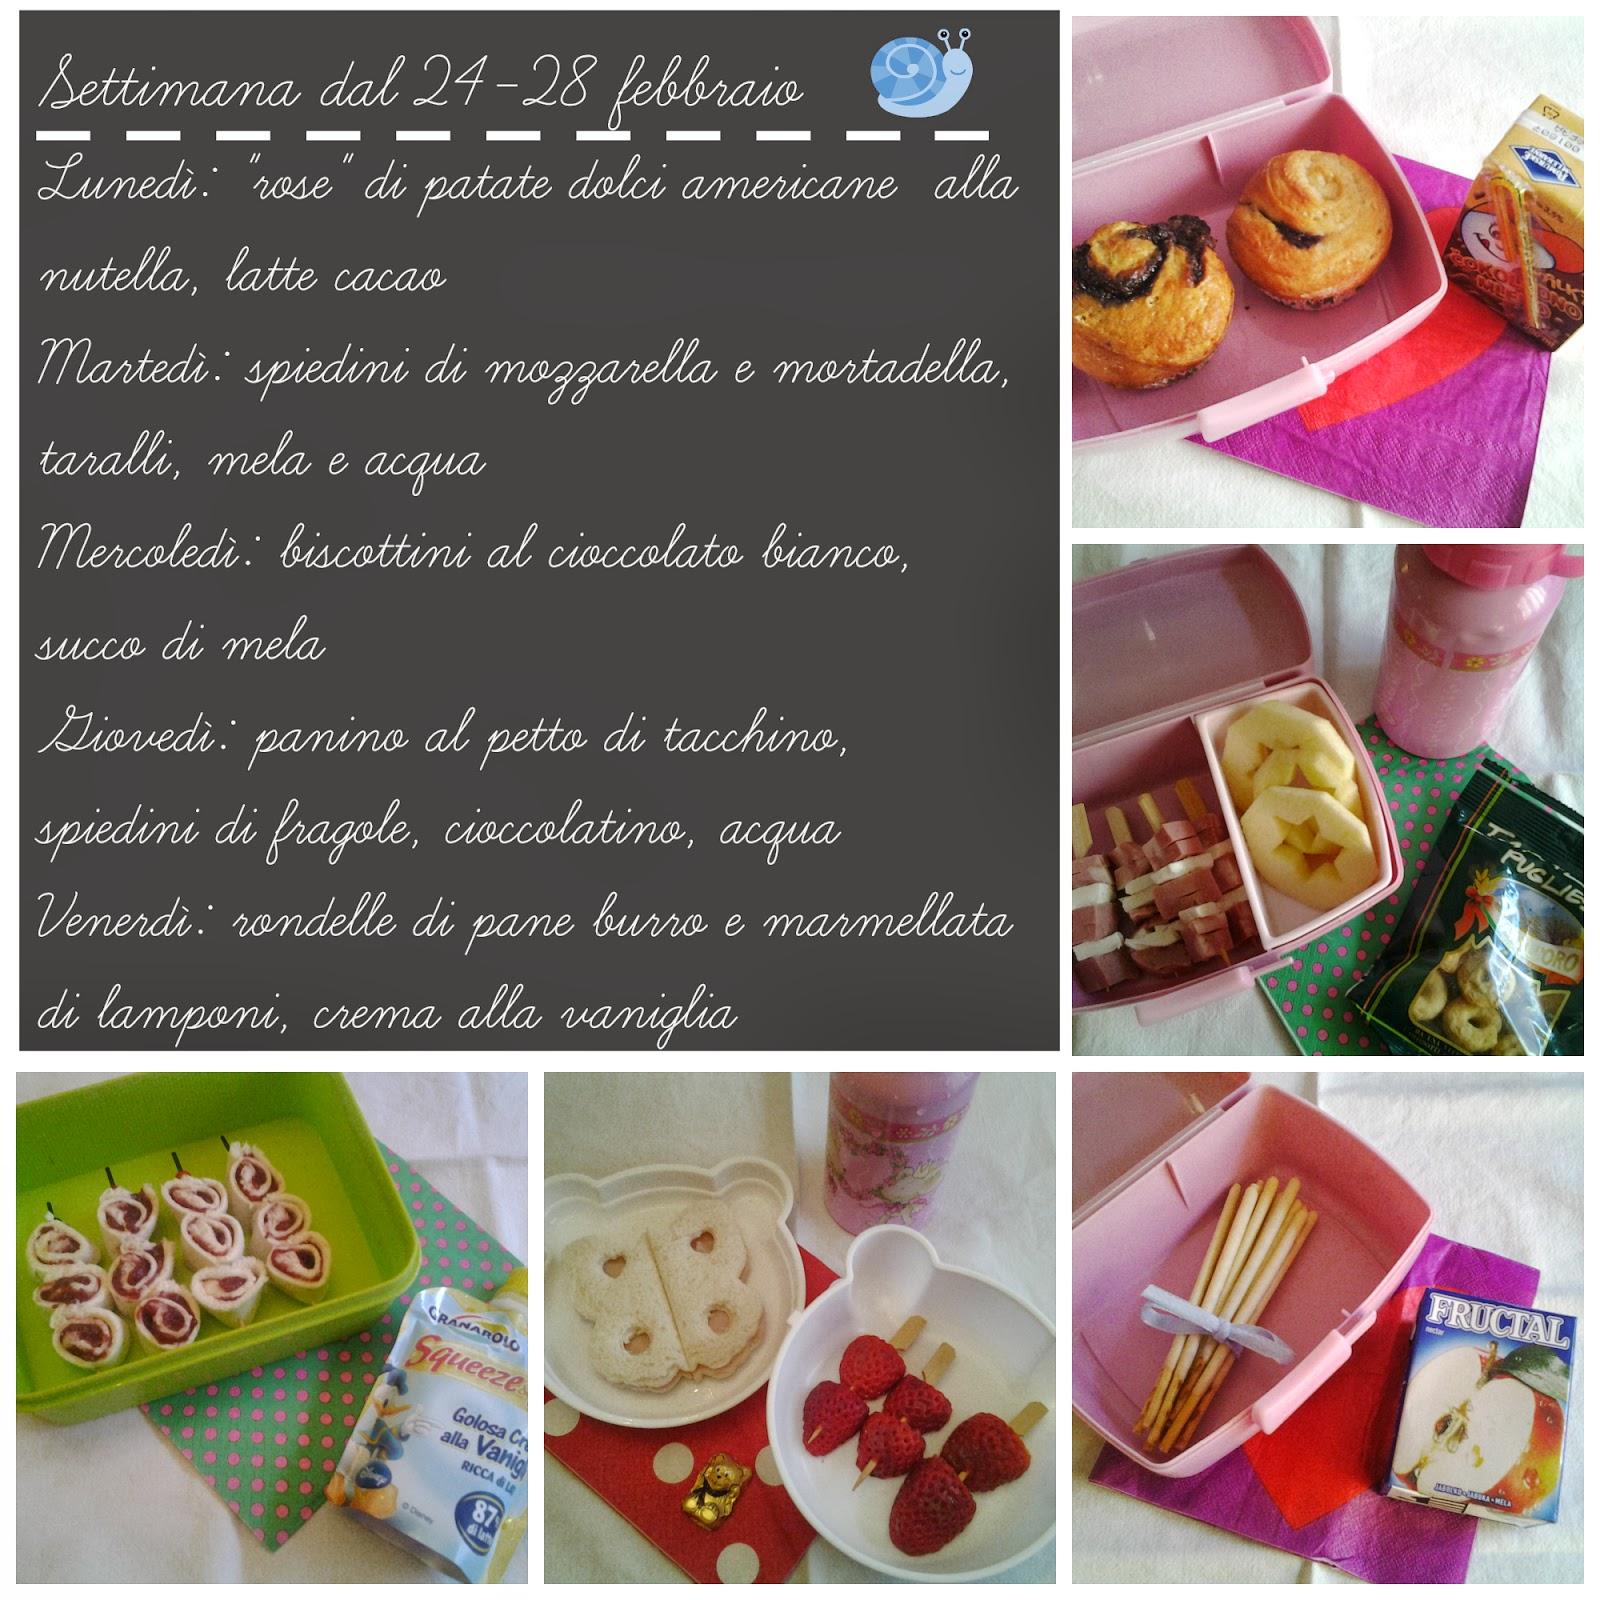 http://www.colazionialetto.com/2014/03/lemerendedicamilla-dal-24-28-febbraio.html